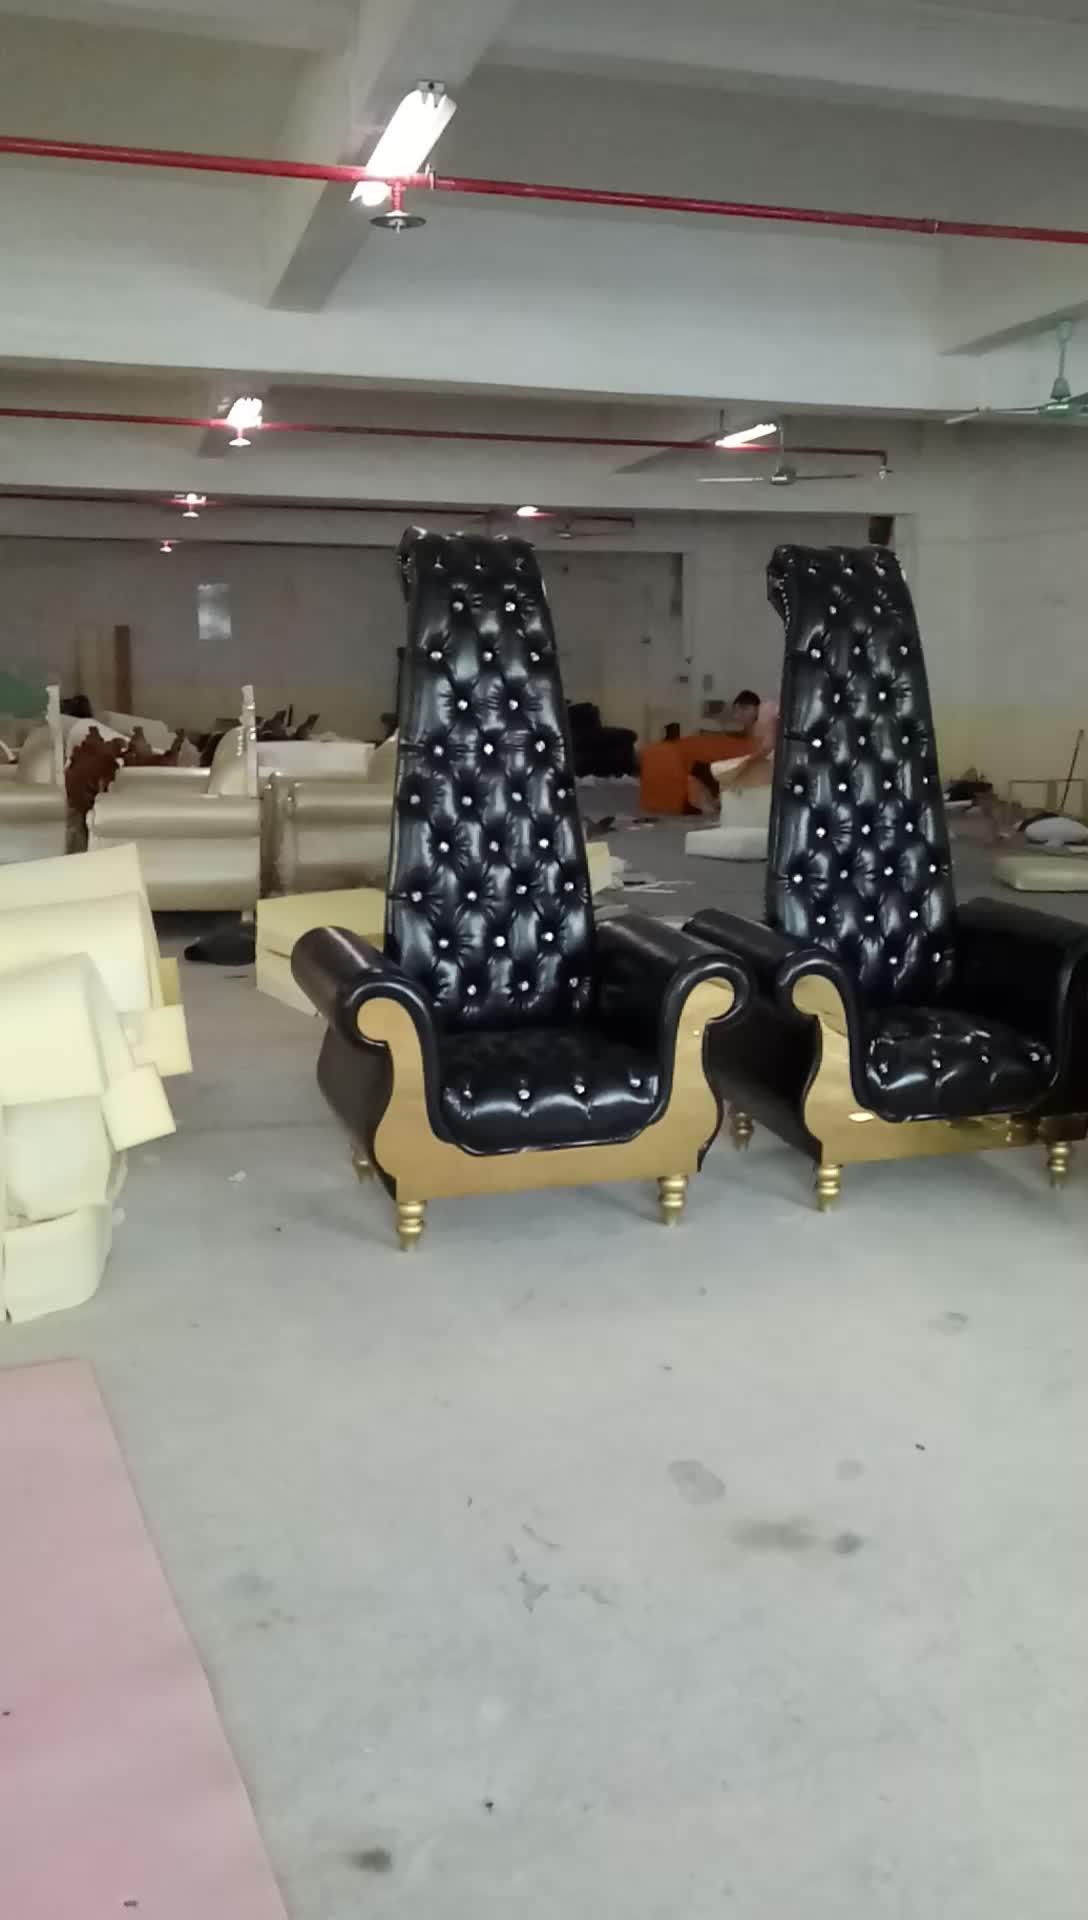 HB07 lusso spa pedicure sedia senza idraulico